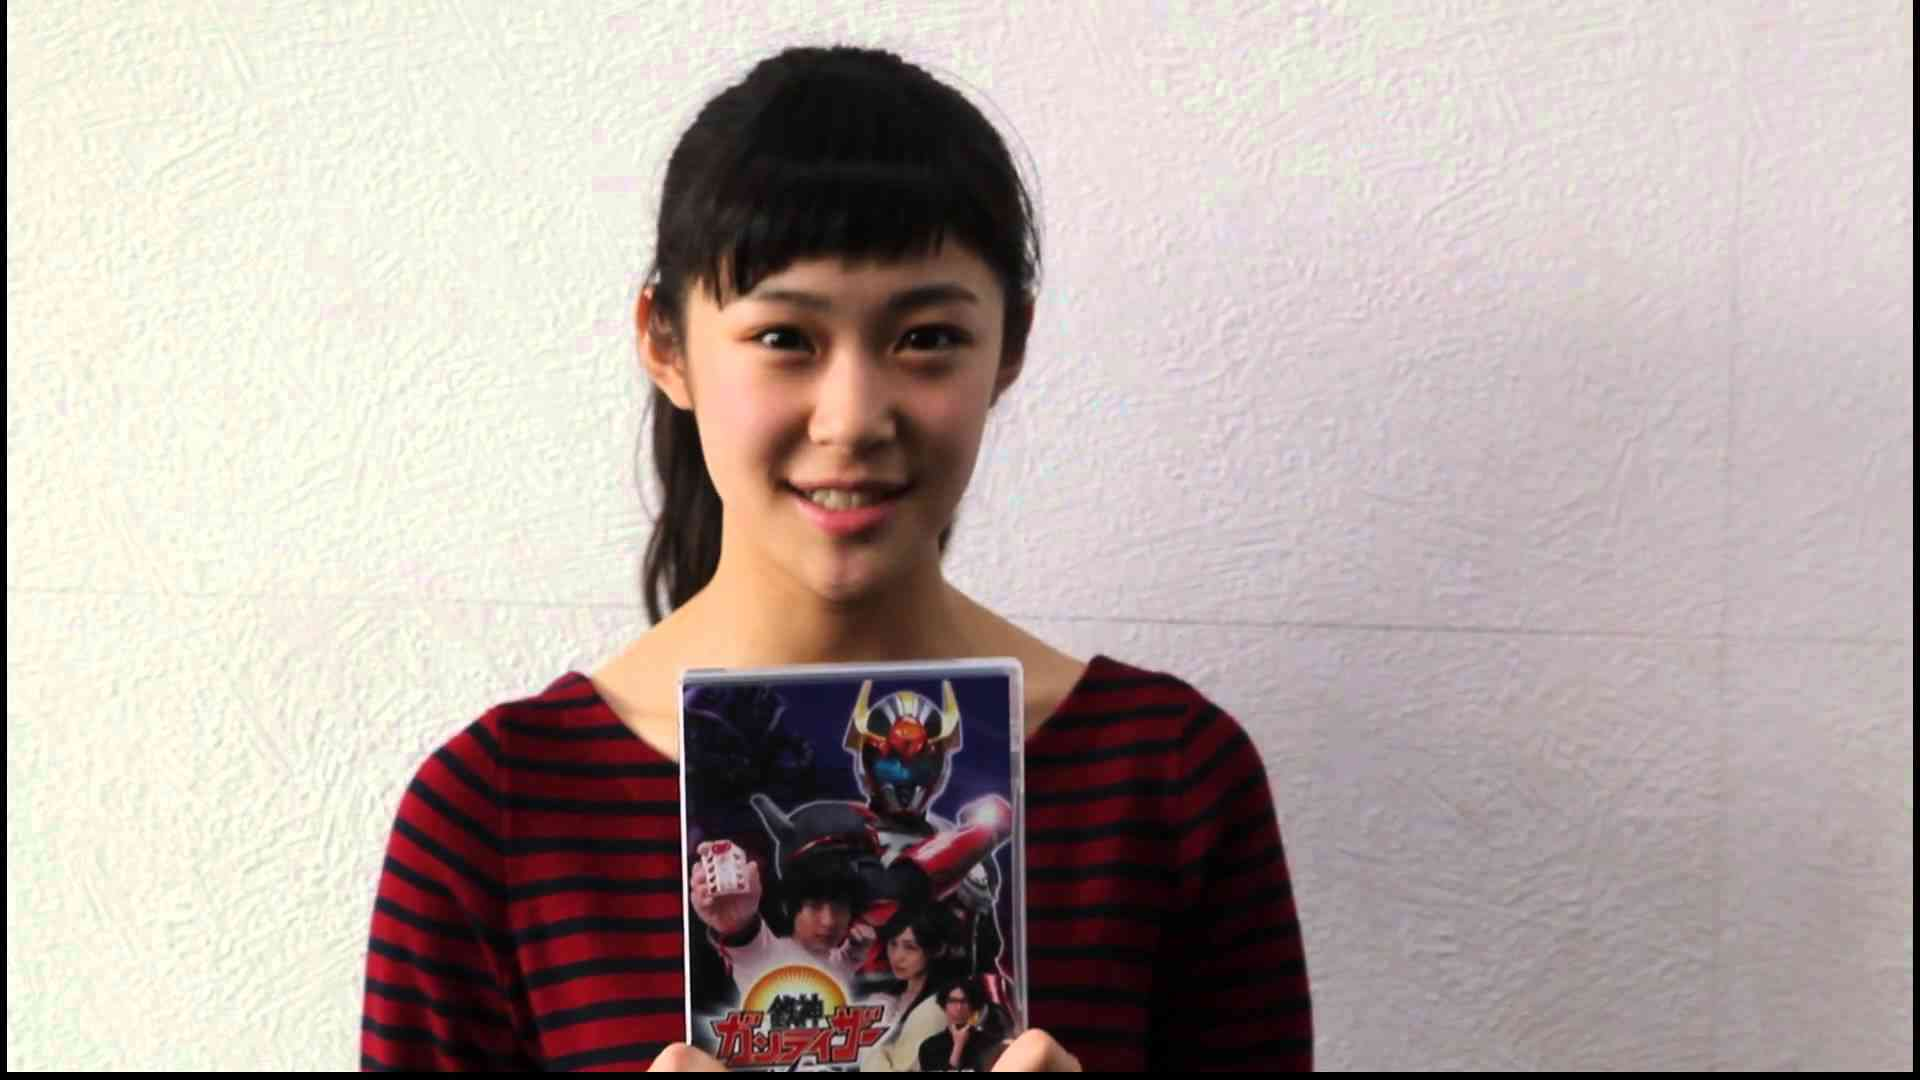 加村真美さんコメント動画 - YouTube